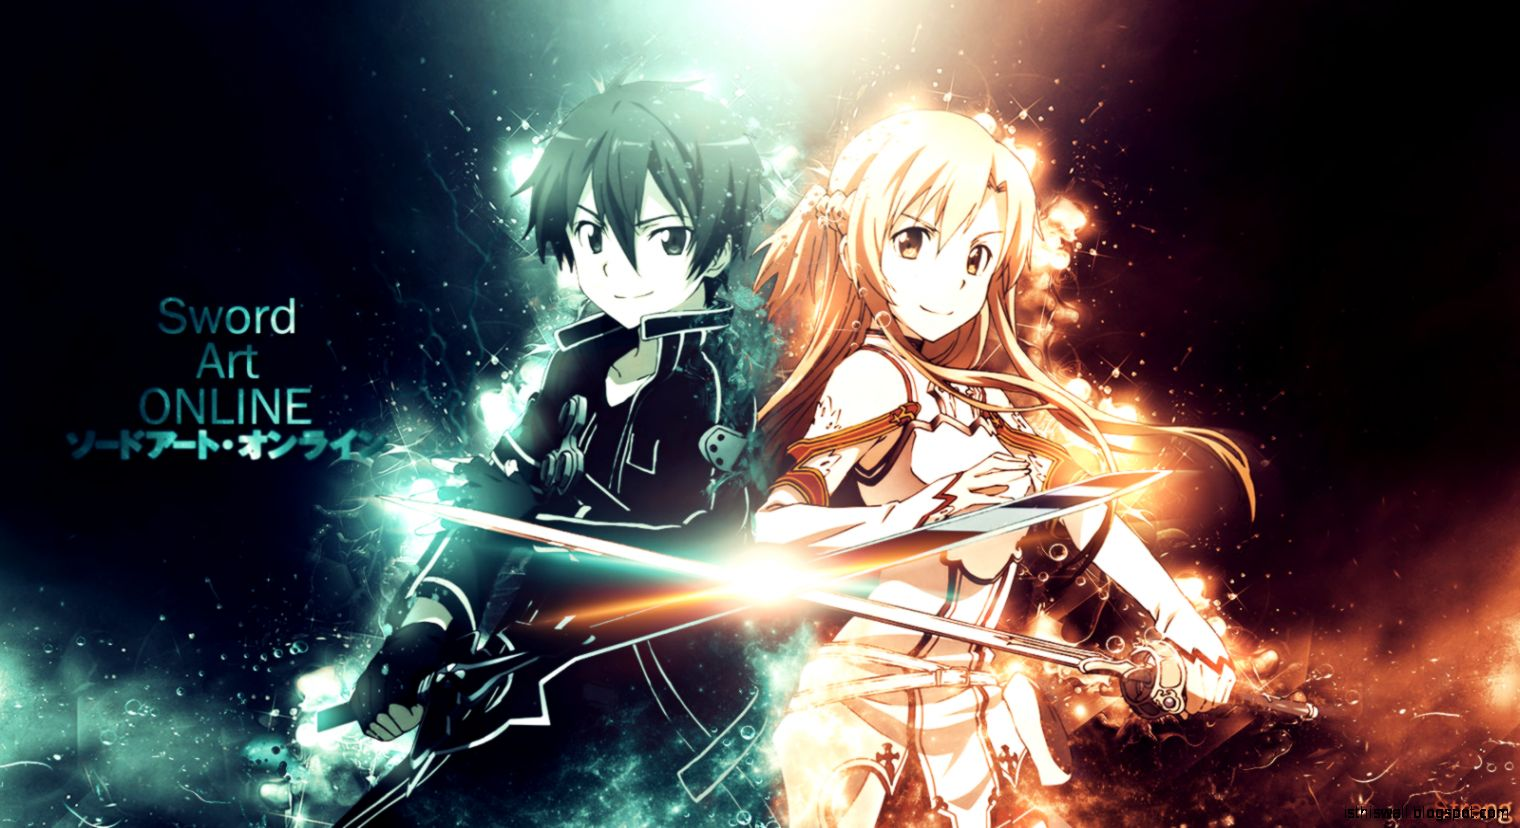 Sword Art Online Wallpaper  1600x900  ID49718